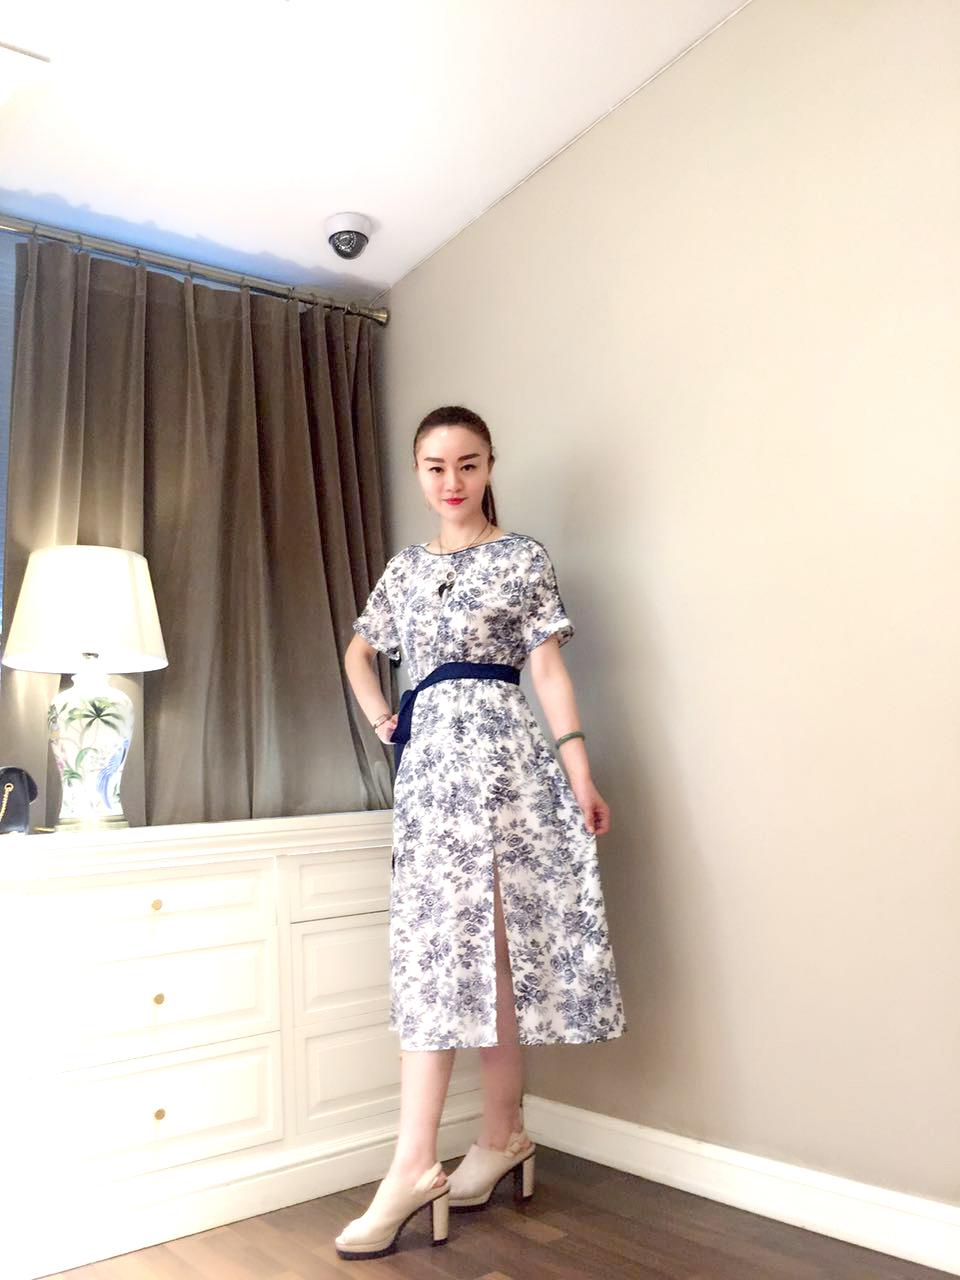 30 女人怎么穿衣这几种装扮减龄显气质 时尚瑞莎